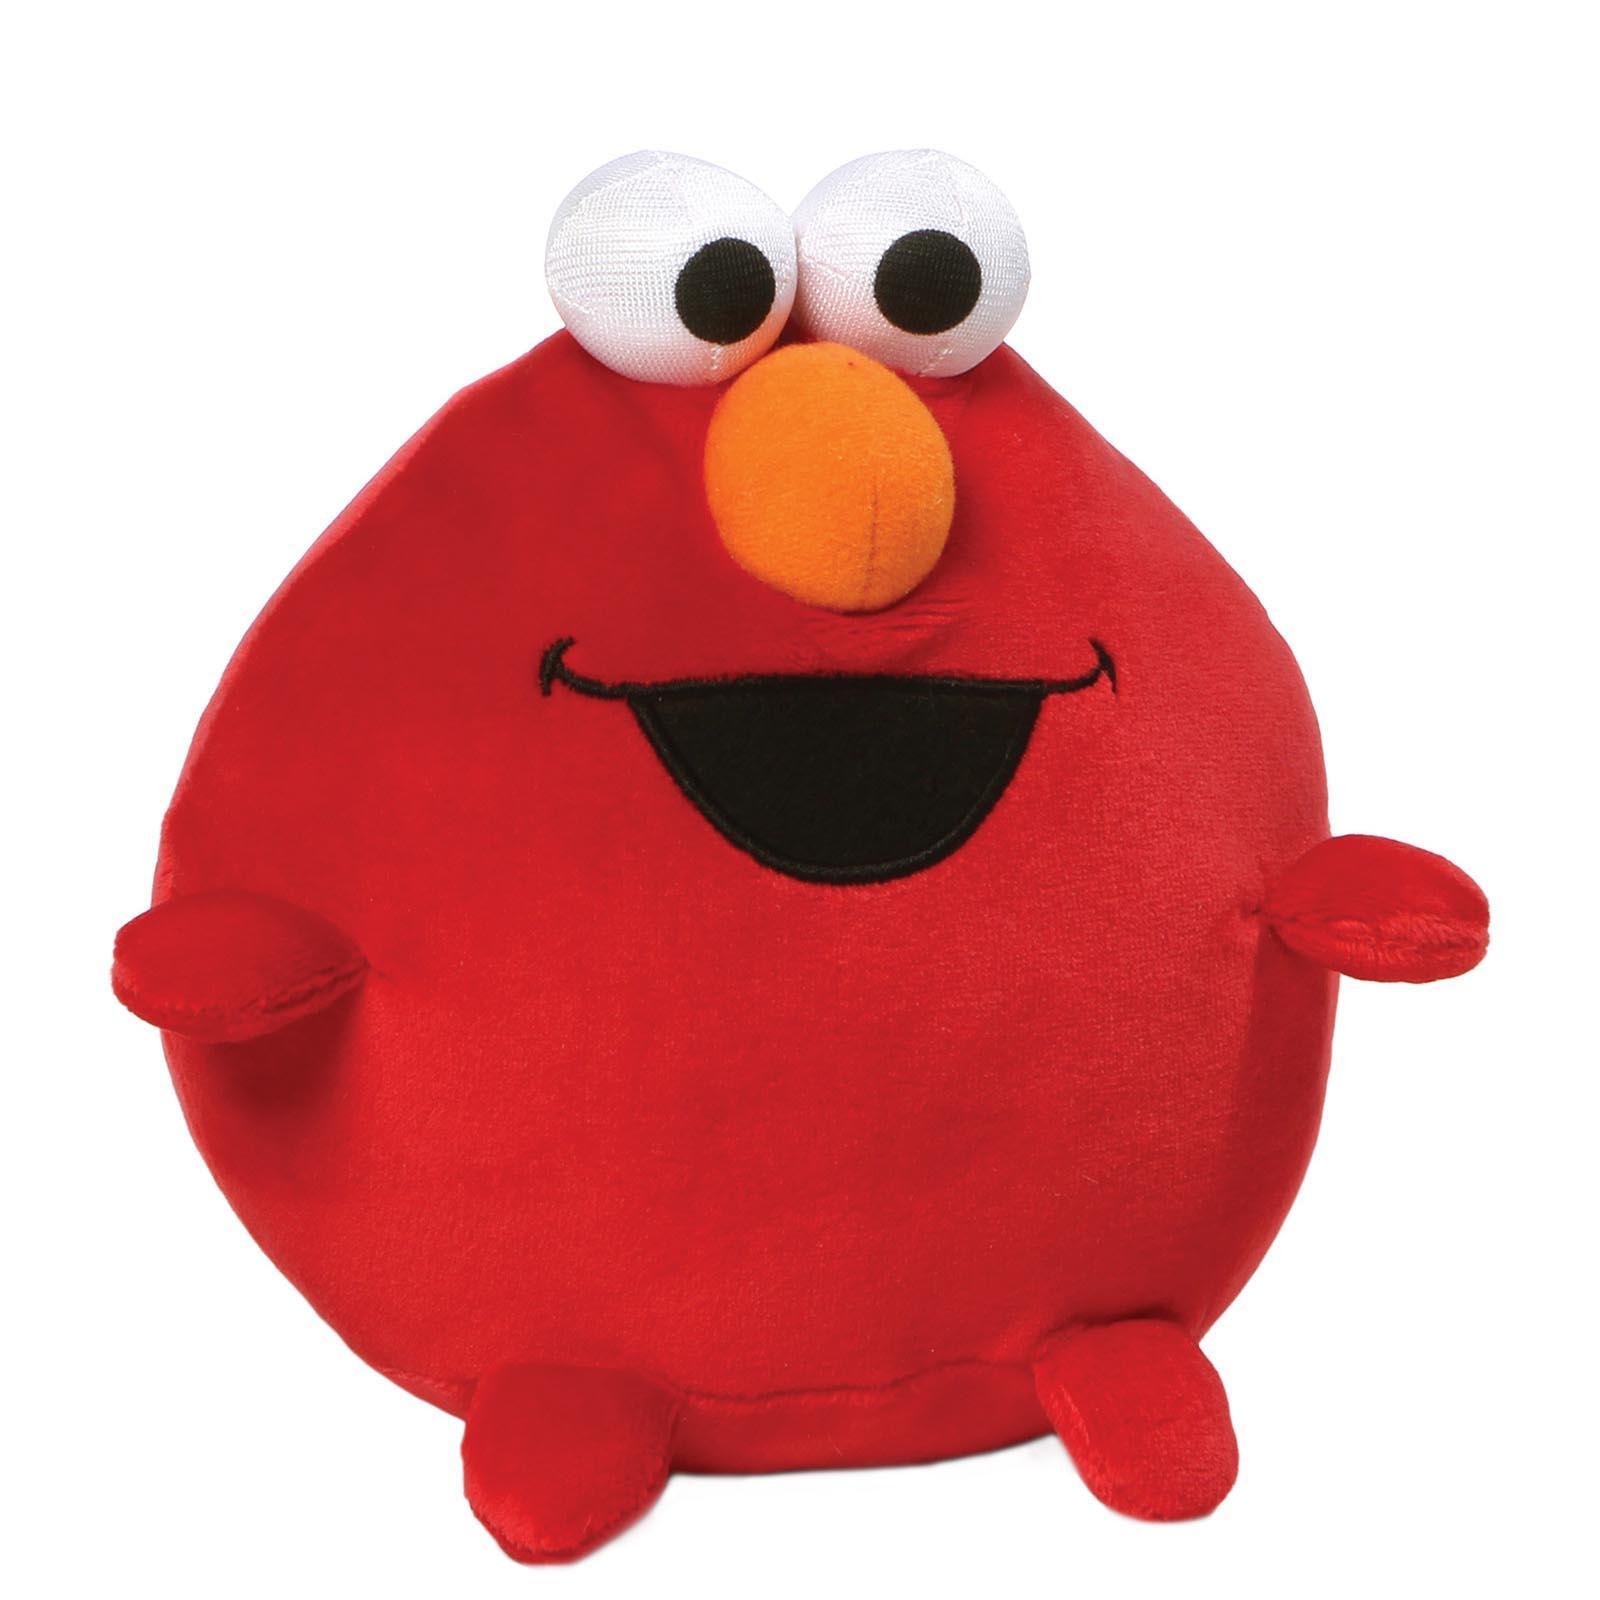 GUND Sesame Street 4060017 Elmo Small: Amazon co uk: Toys & Games